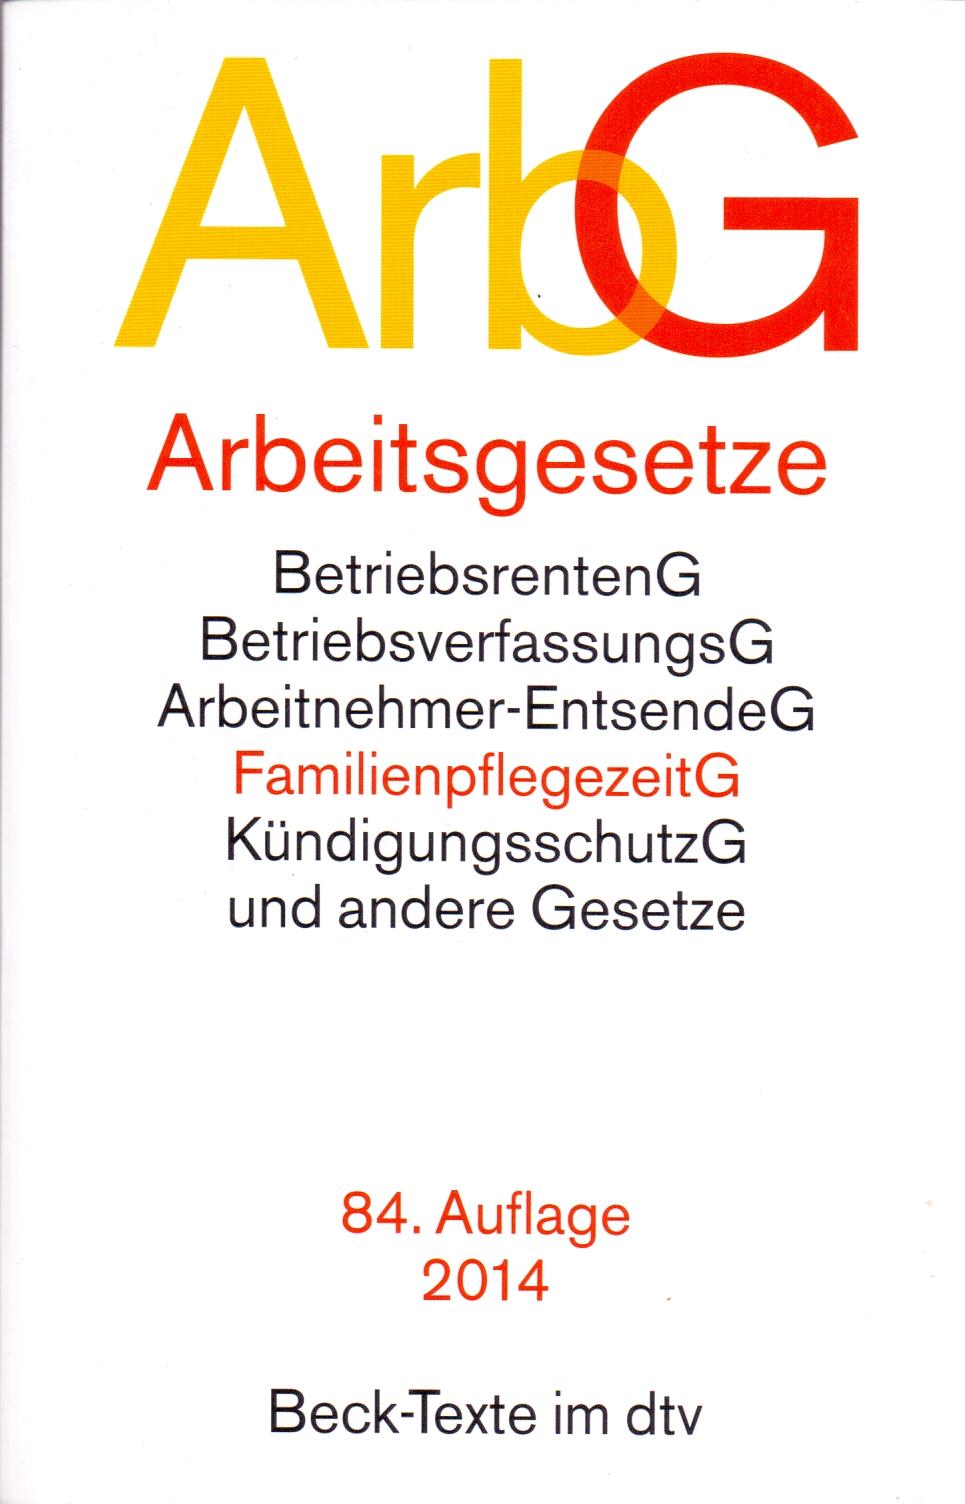 ArbG - Arbeitsgesetze: BetriebsrentenG, BetriebsverfassungsG, Arbeitnehmer-EntsendeG, FamilienpflegezeitG, Kündigungssch